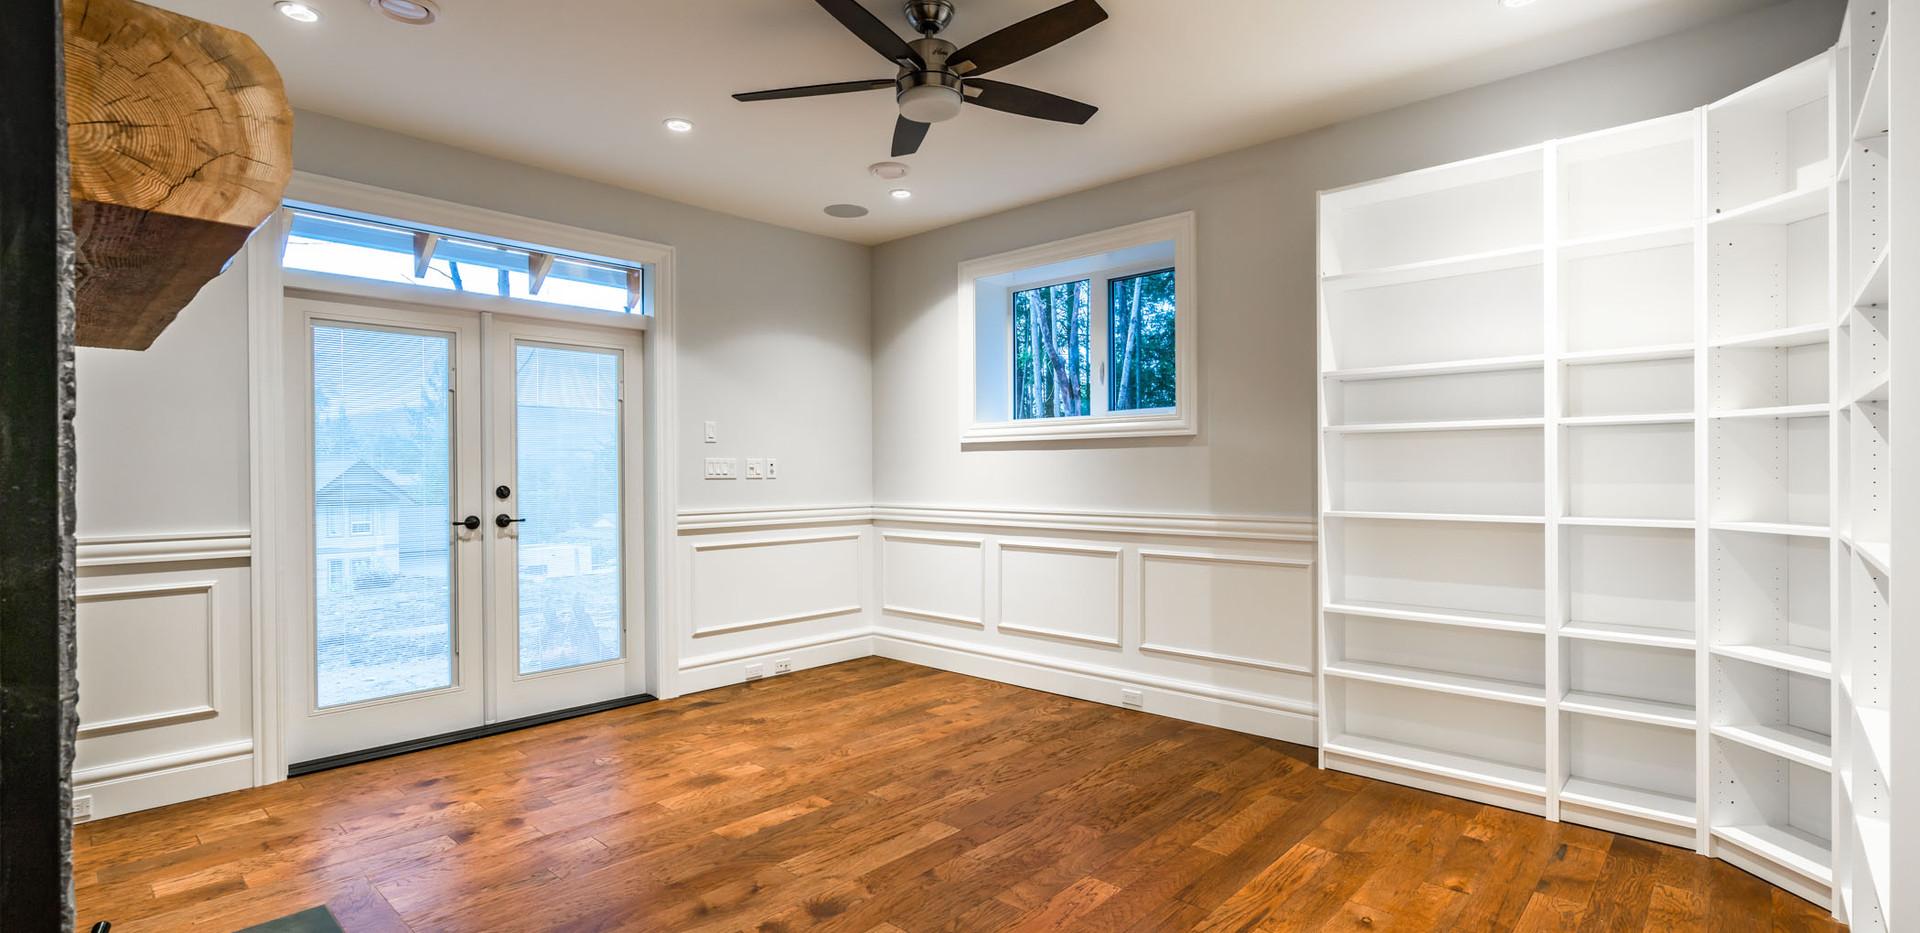 2847 Ashcraft Basement Livingroom 3.jpg